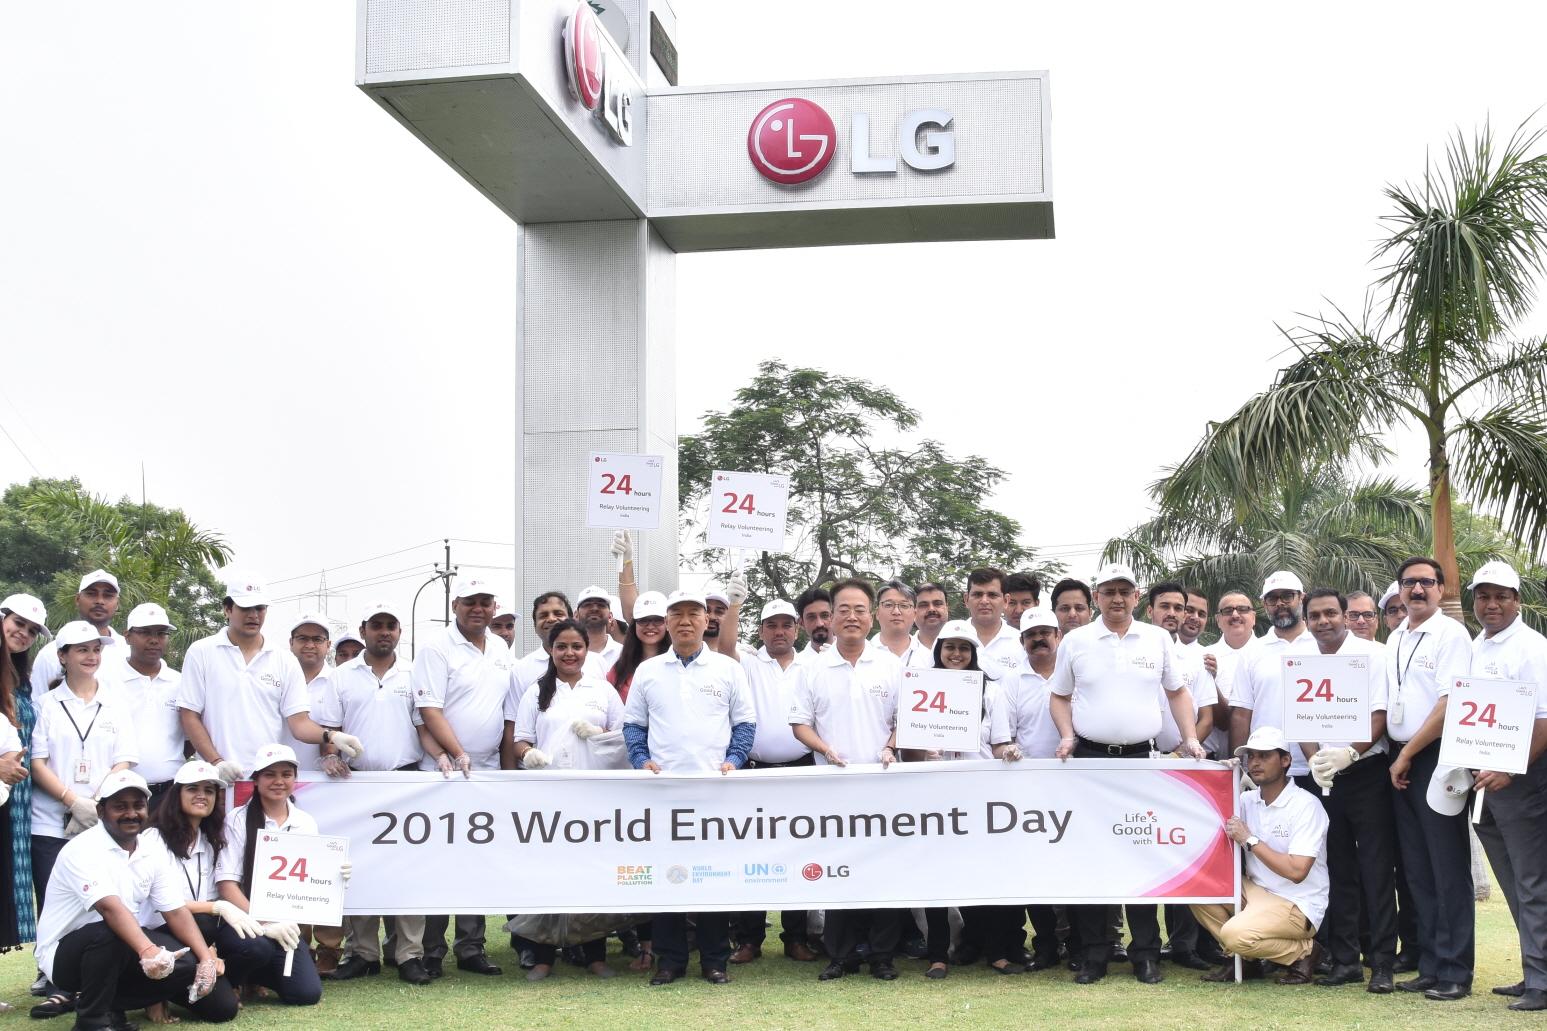 세계 환경의 날 맞아10개 국가 임직원600여 명이 환경보호 활동 참여